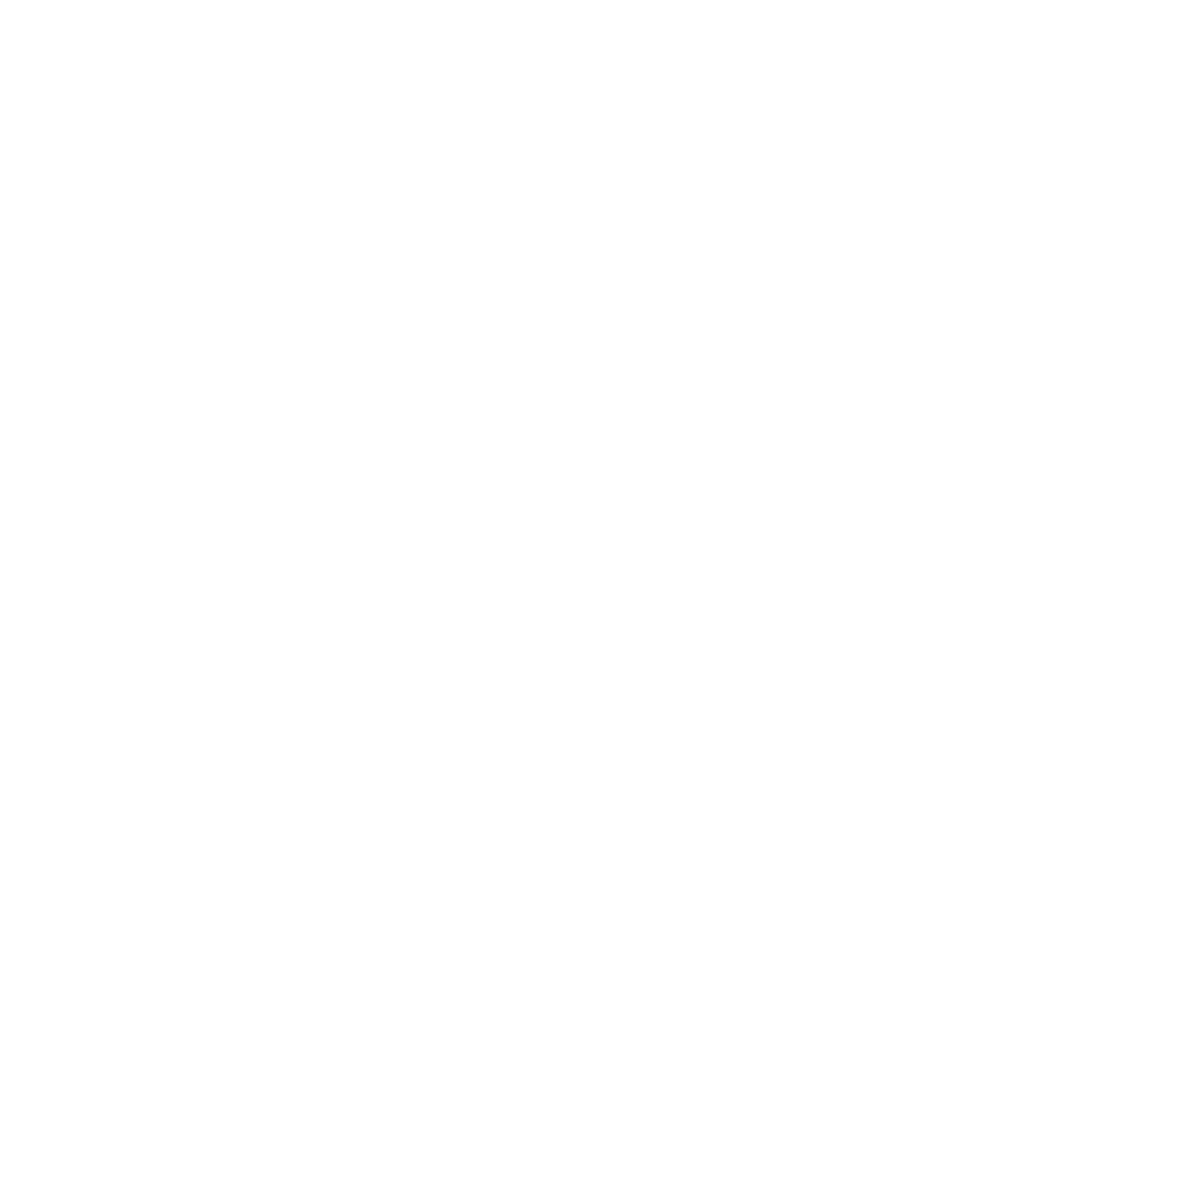 noun_Phone_1887337_FFFFFF